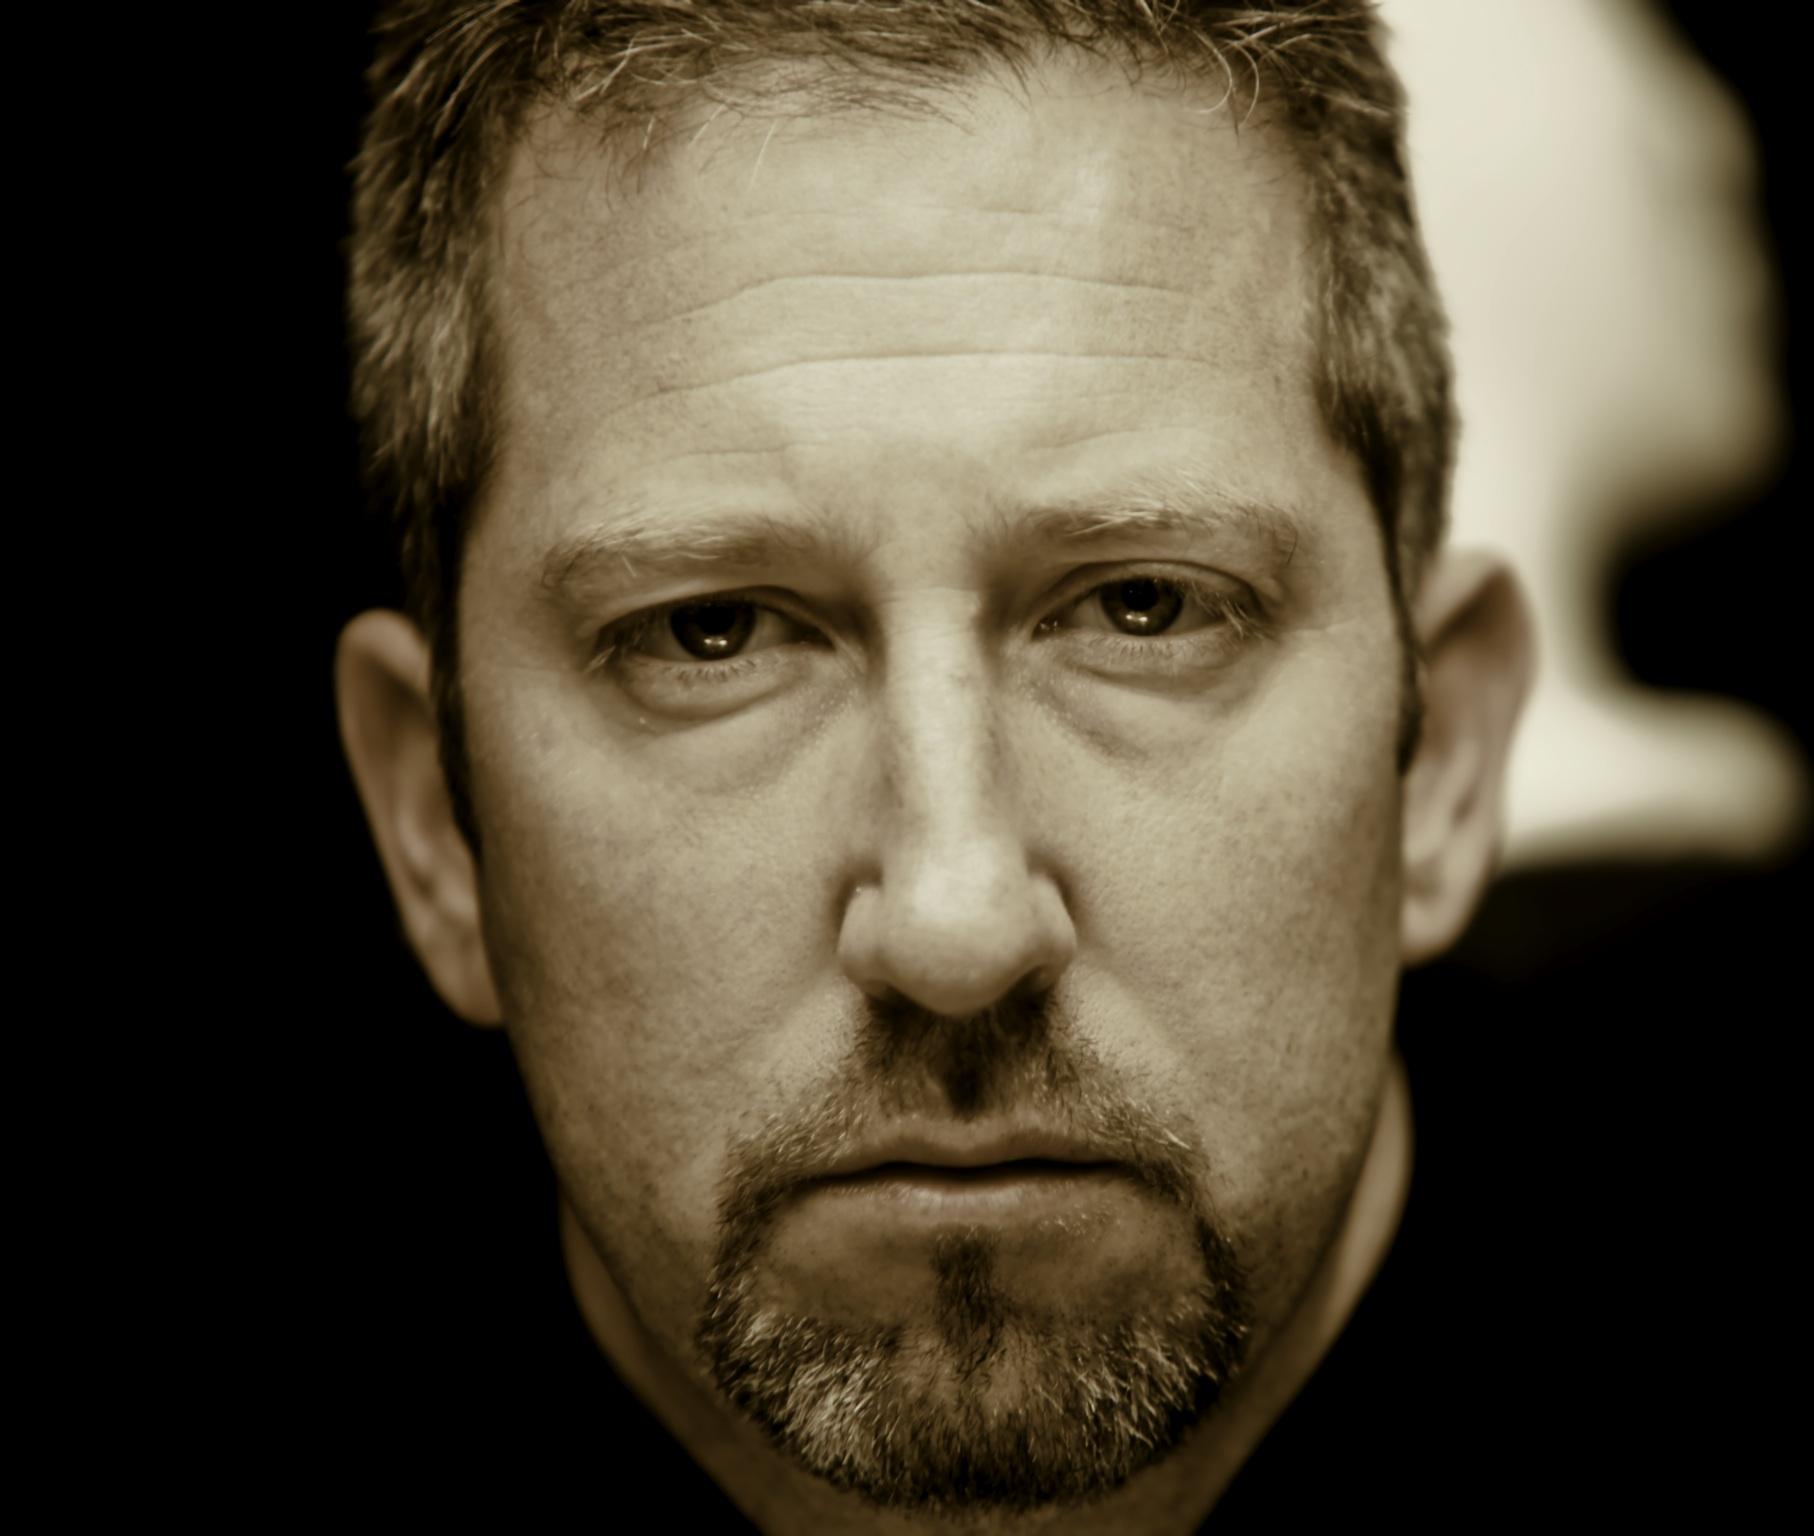 Rick Sparra | Riker3Images